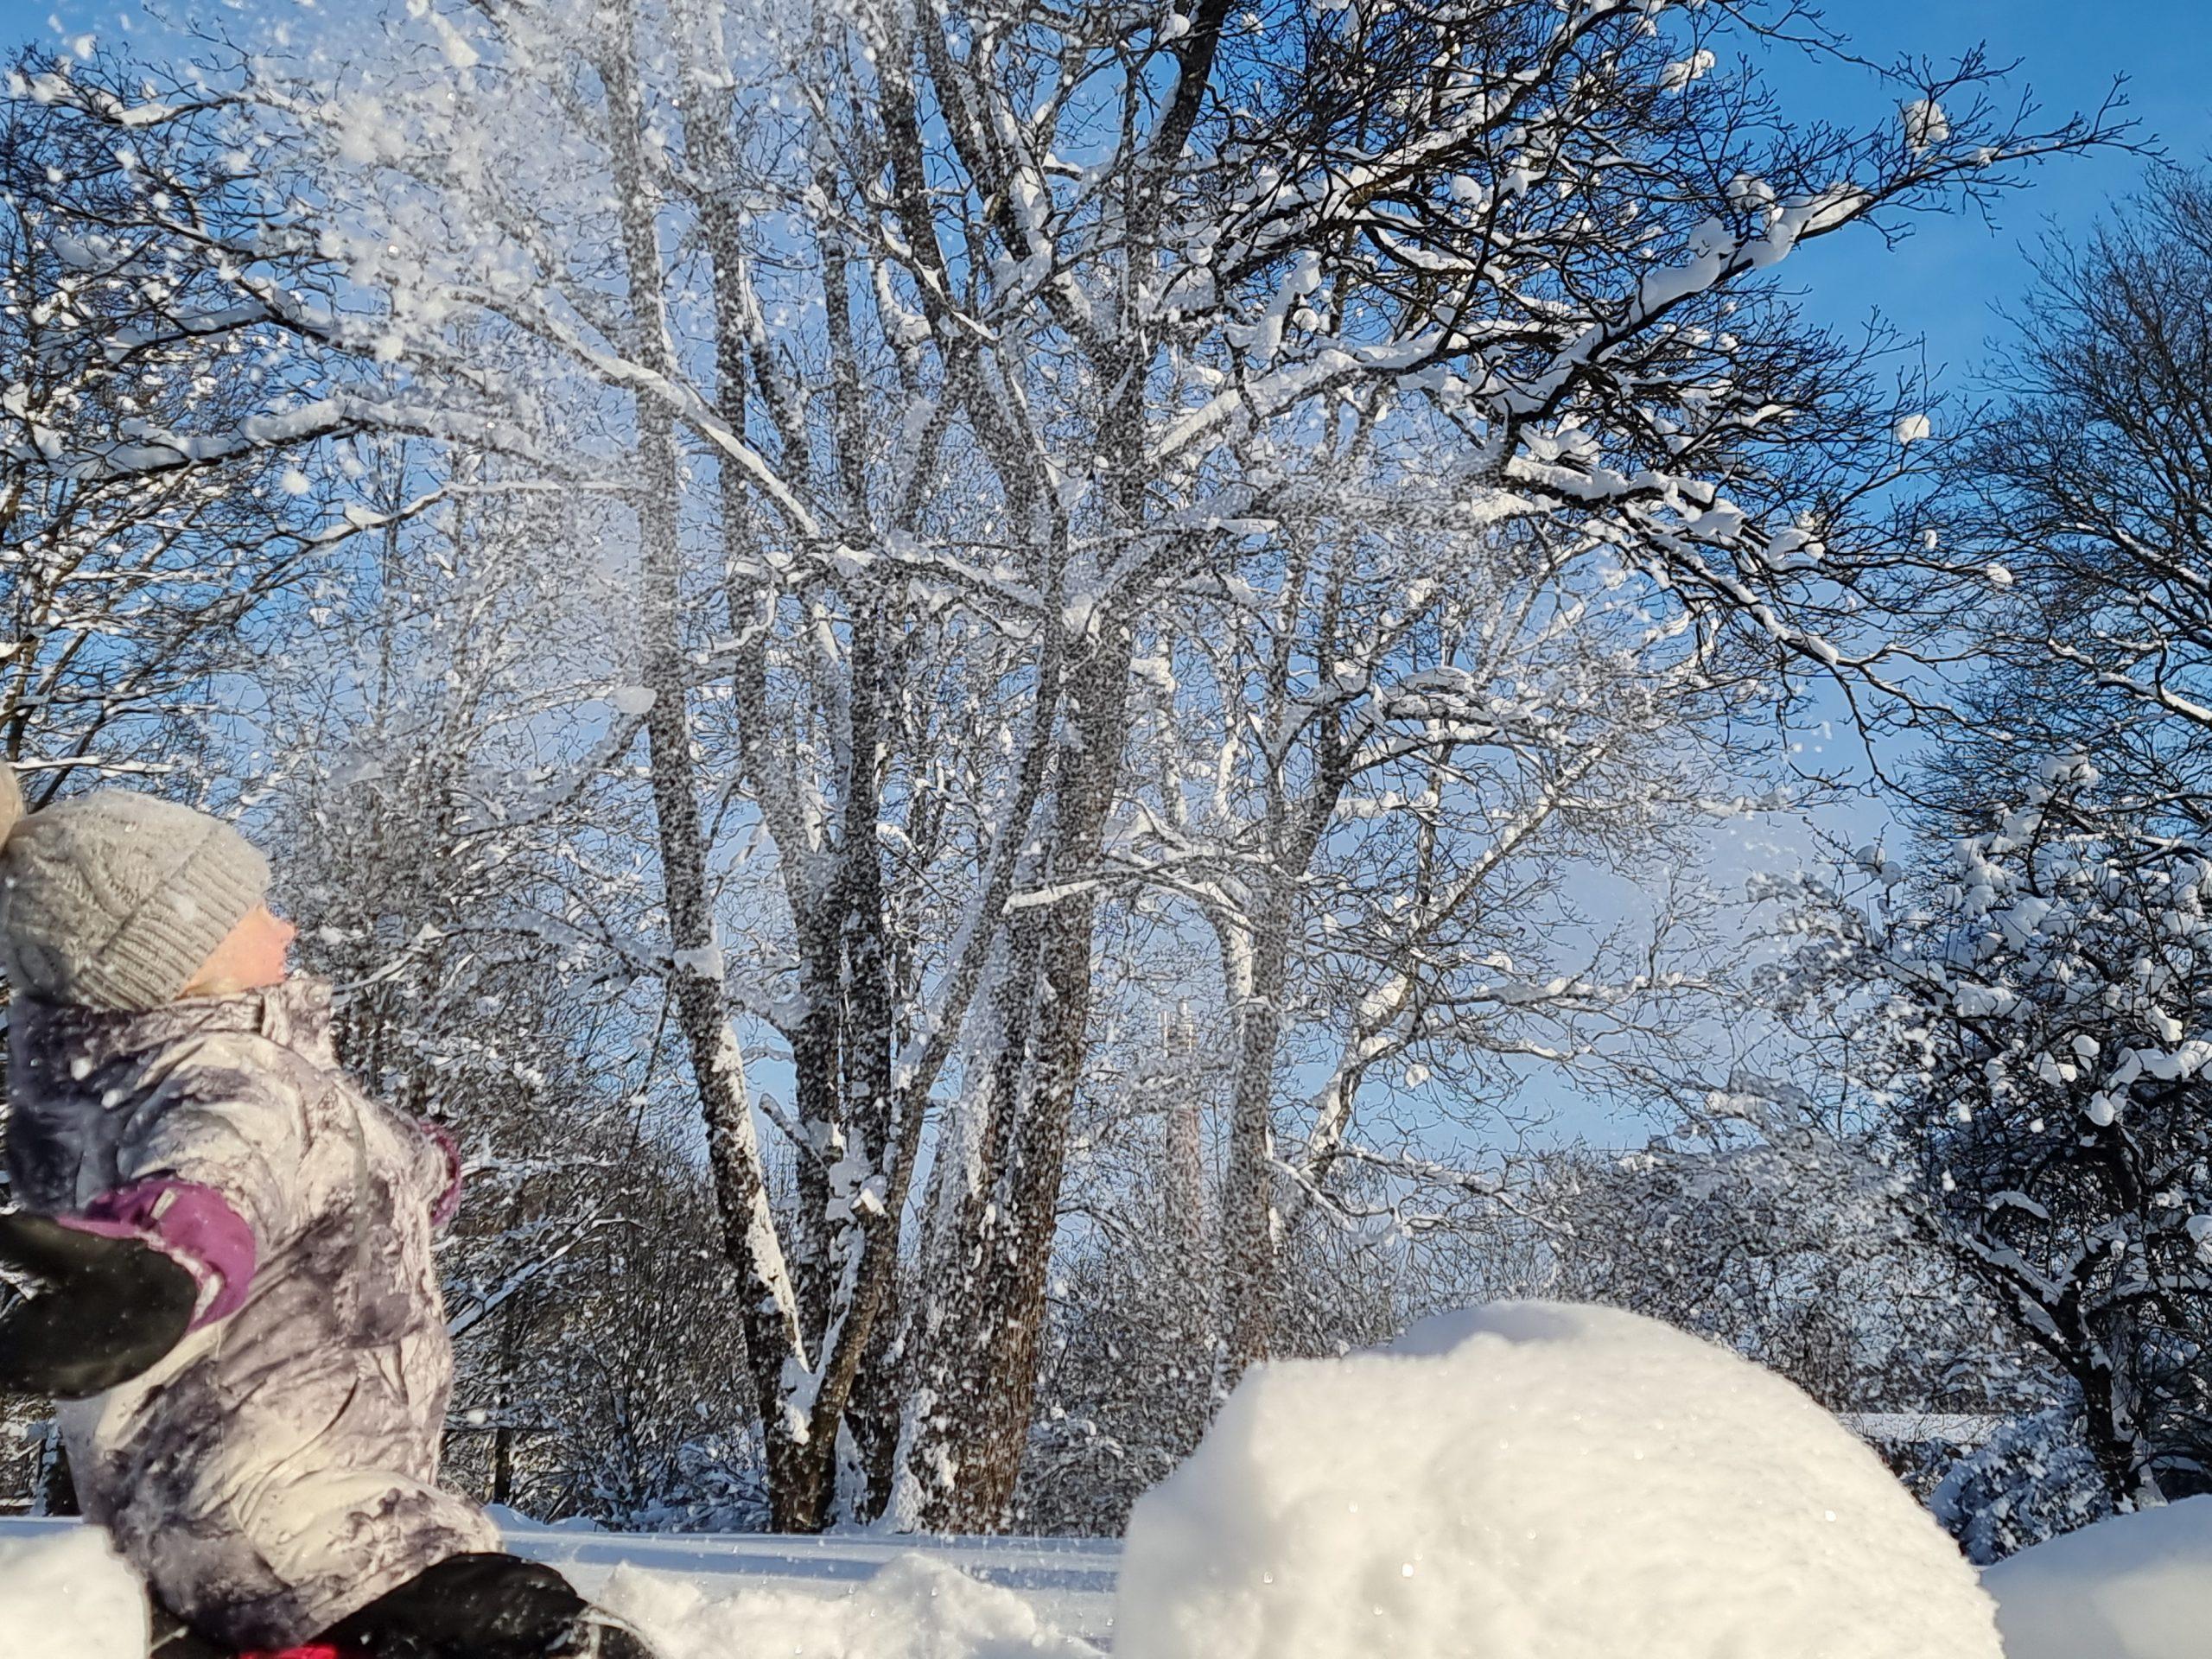 Lapsi pölläyttää lunta ilmaan, taustalla lumisia puita.